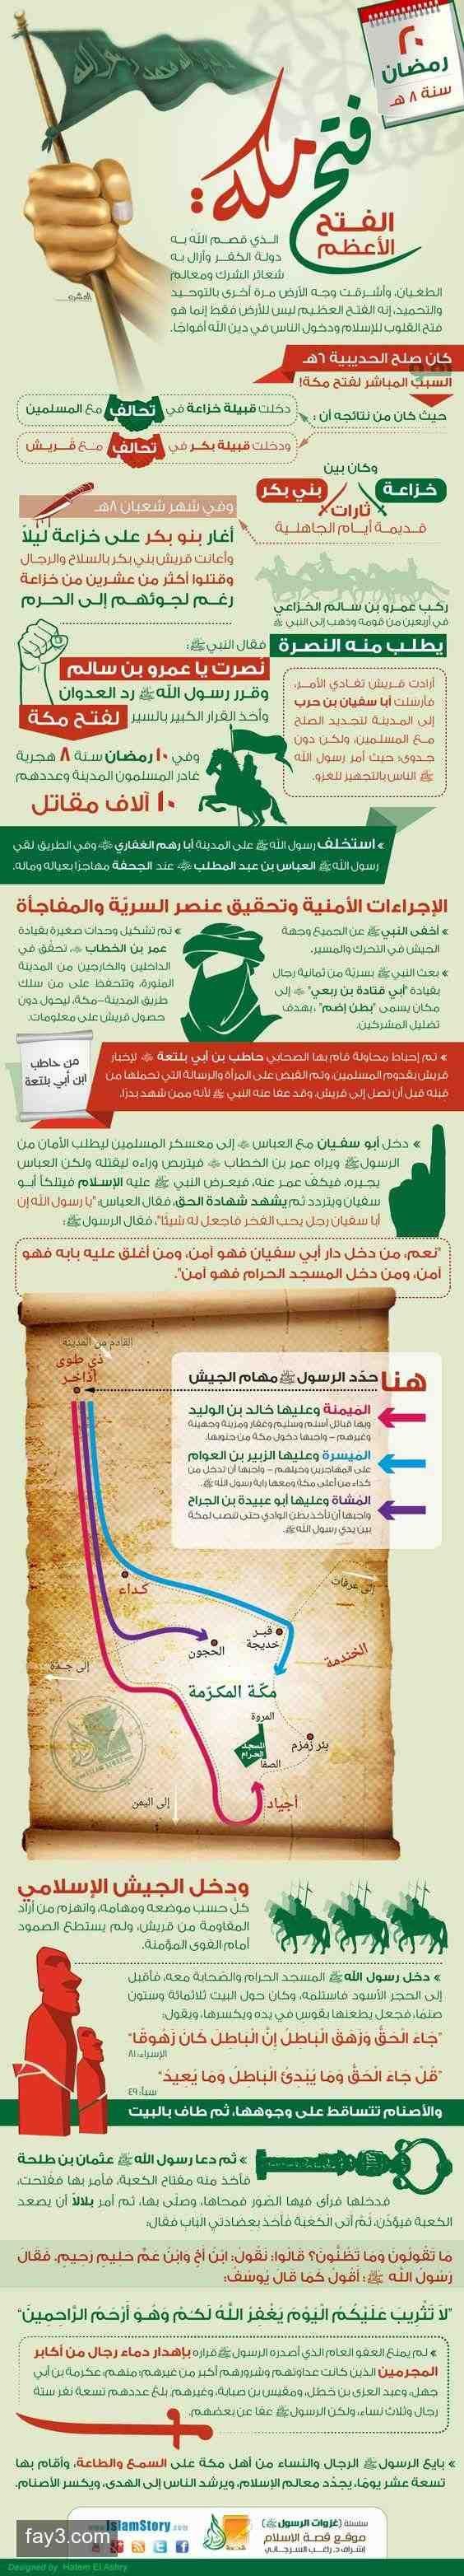 غزوات الرسول صلى الله عليه وسلم - فتح #مكة #انفوجرافيك #انفوجرافيك_عربي